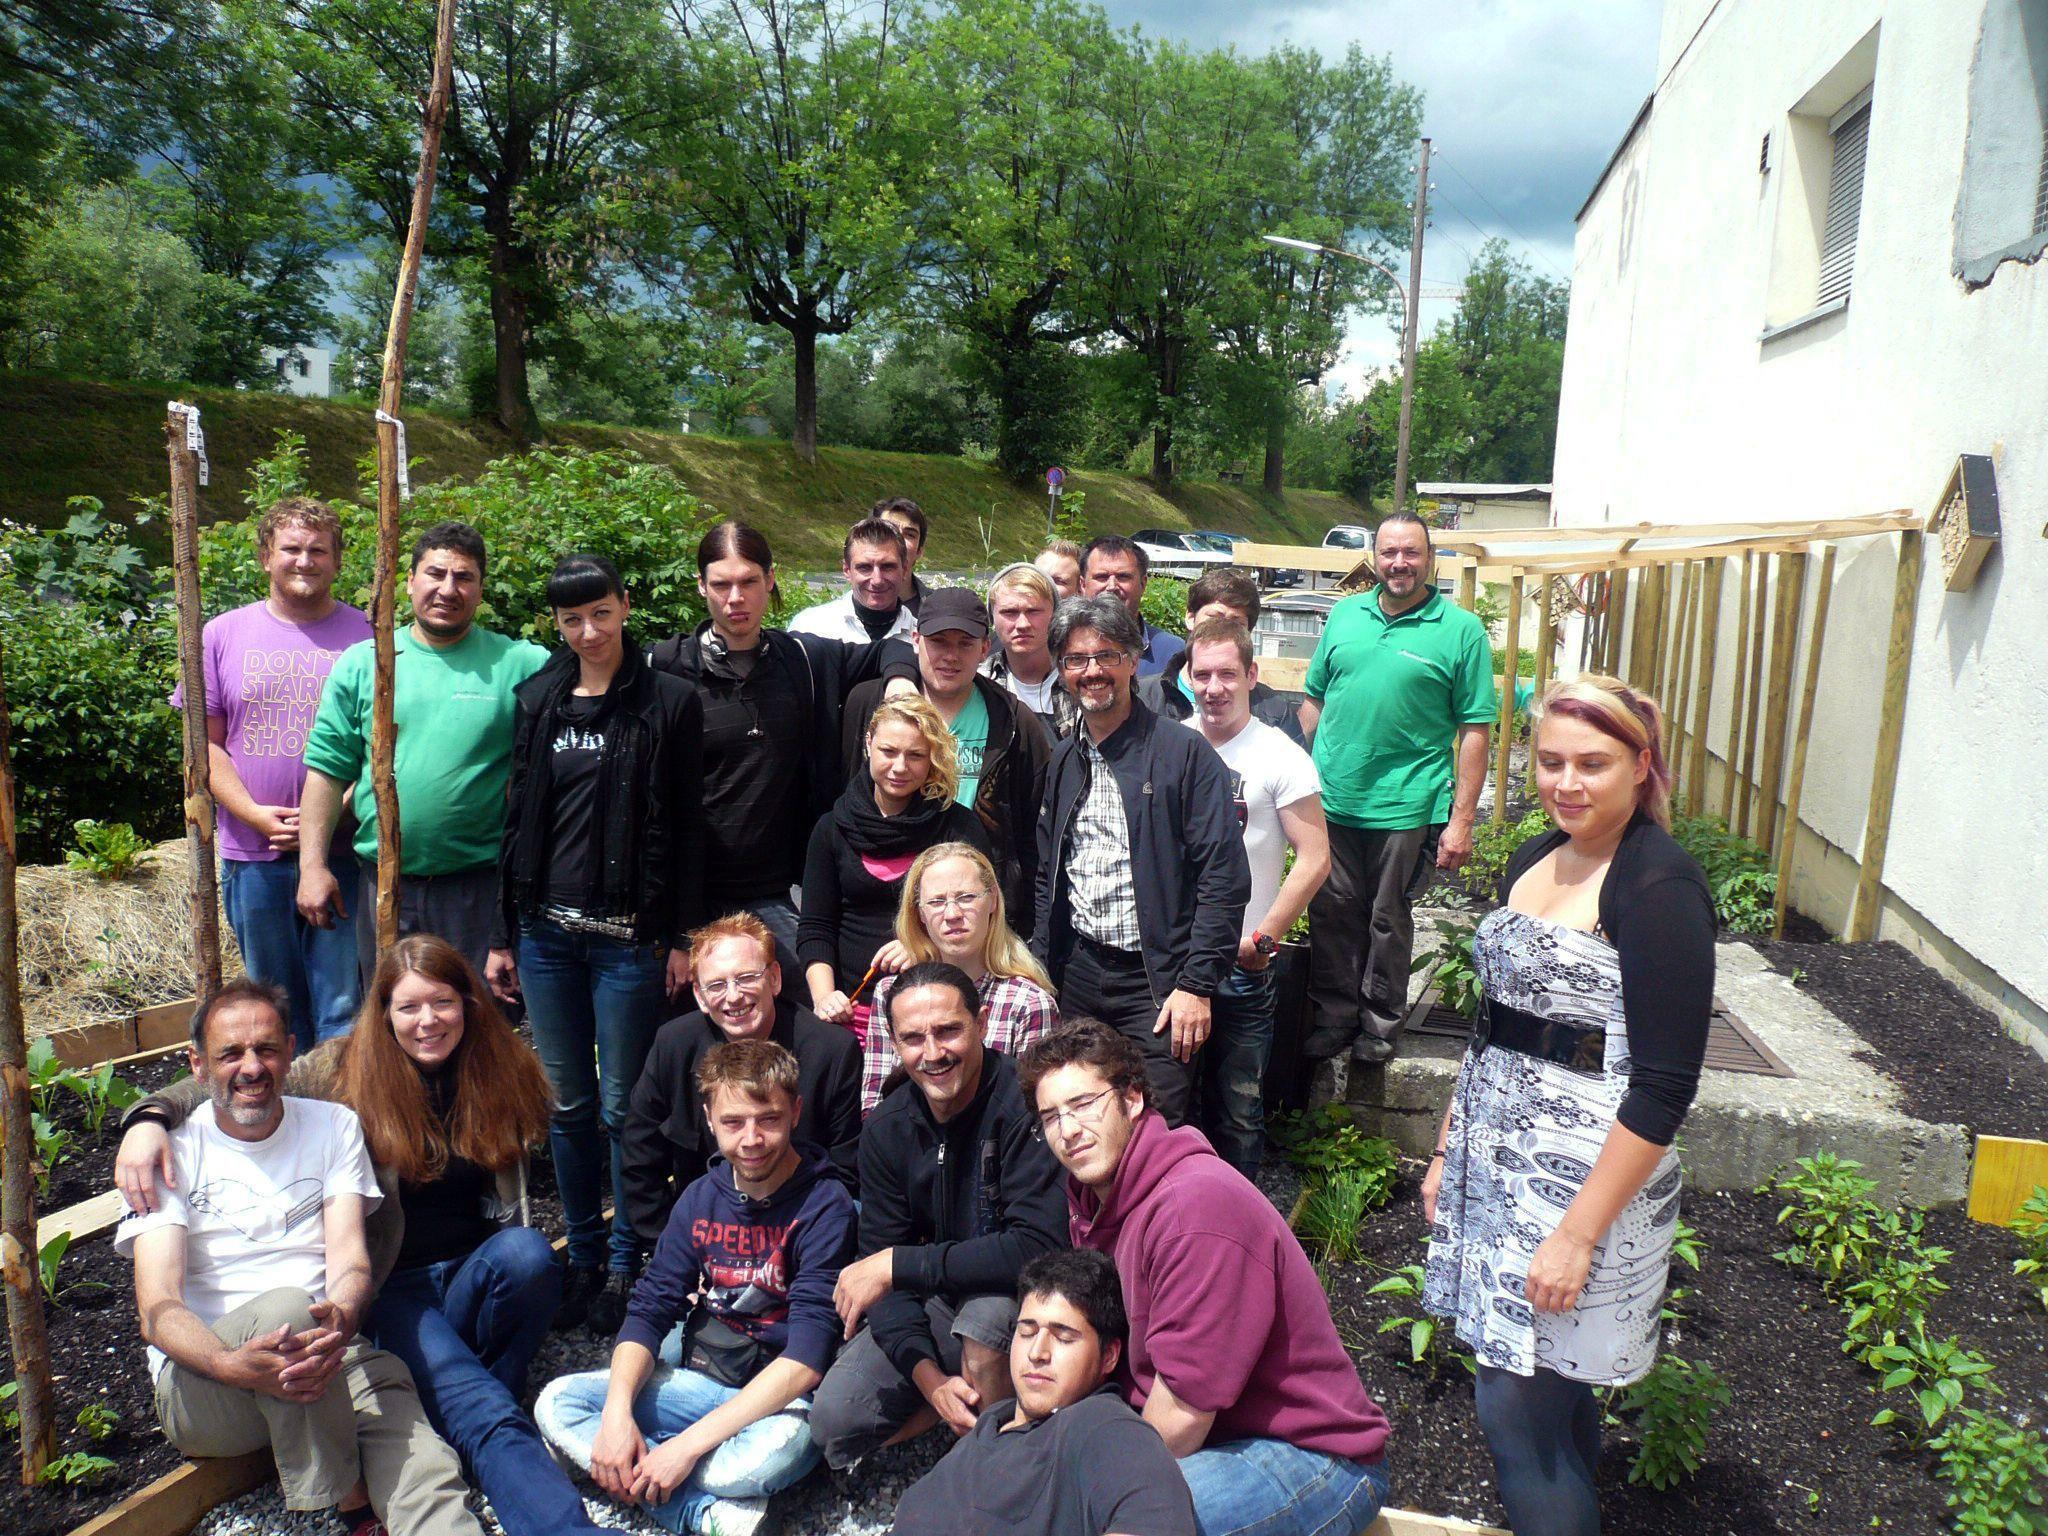 Dreizehn deutsche Jugendliche sammelten im Rahmen des EU-Projektes IDA Arbeitserfahrungen im Ländle.